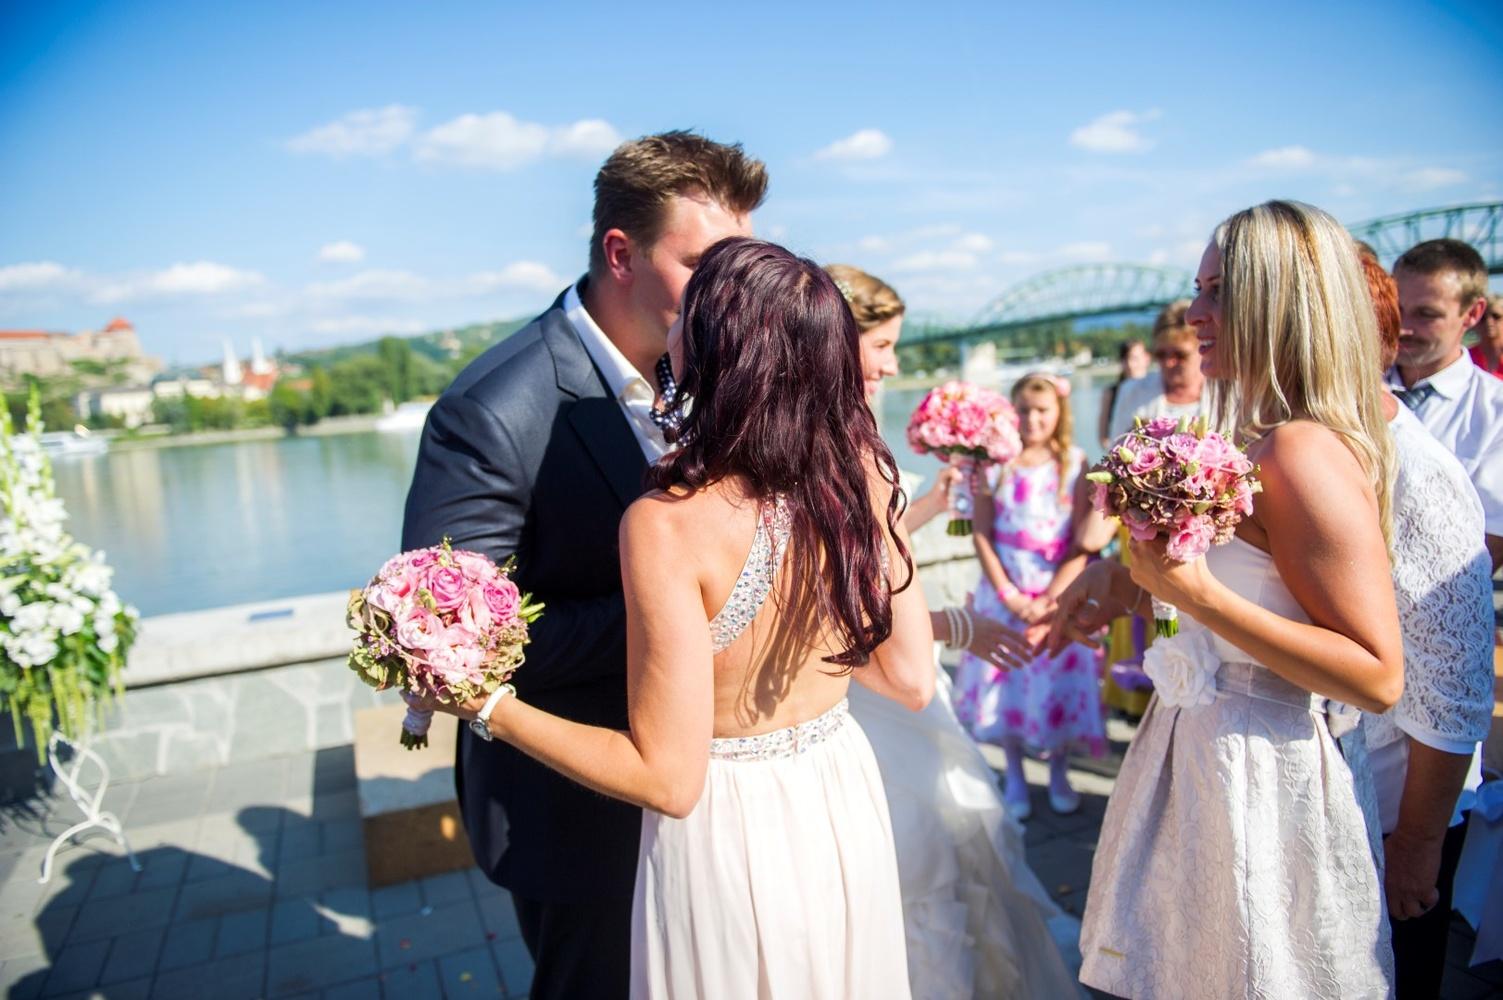 http://www.fotoz.sk/images/gallery-9/normal/eskuvoi-fotos_svadobny-fotograf_078.jpg